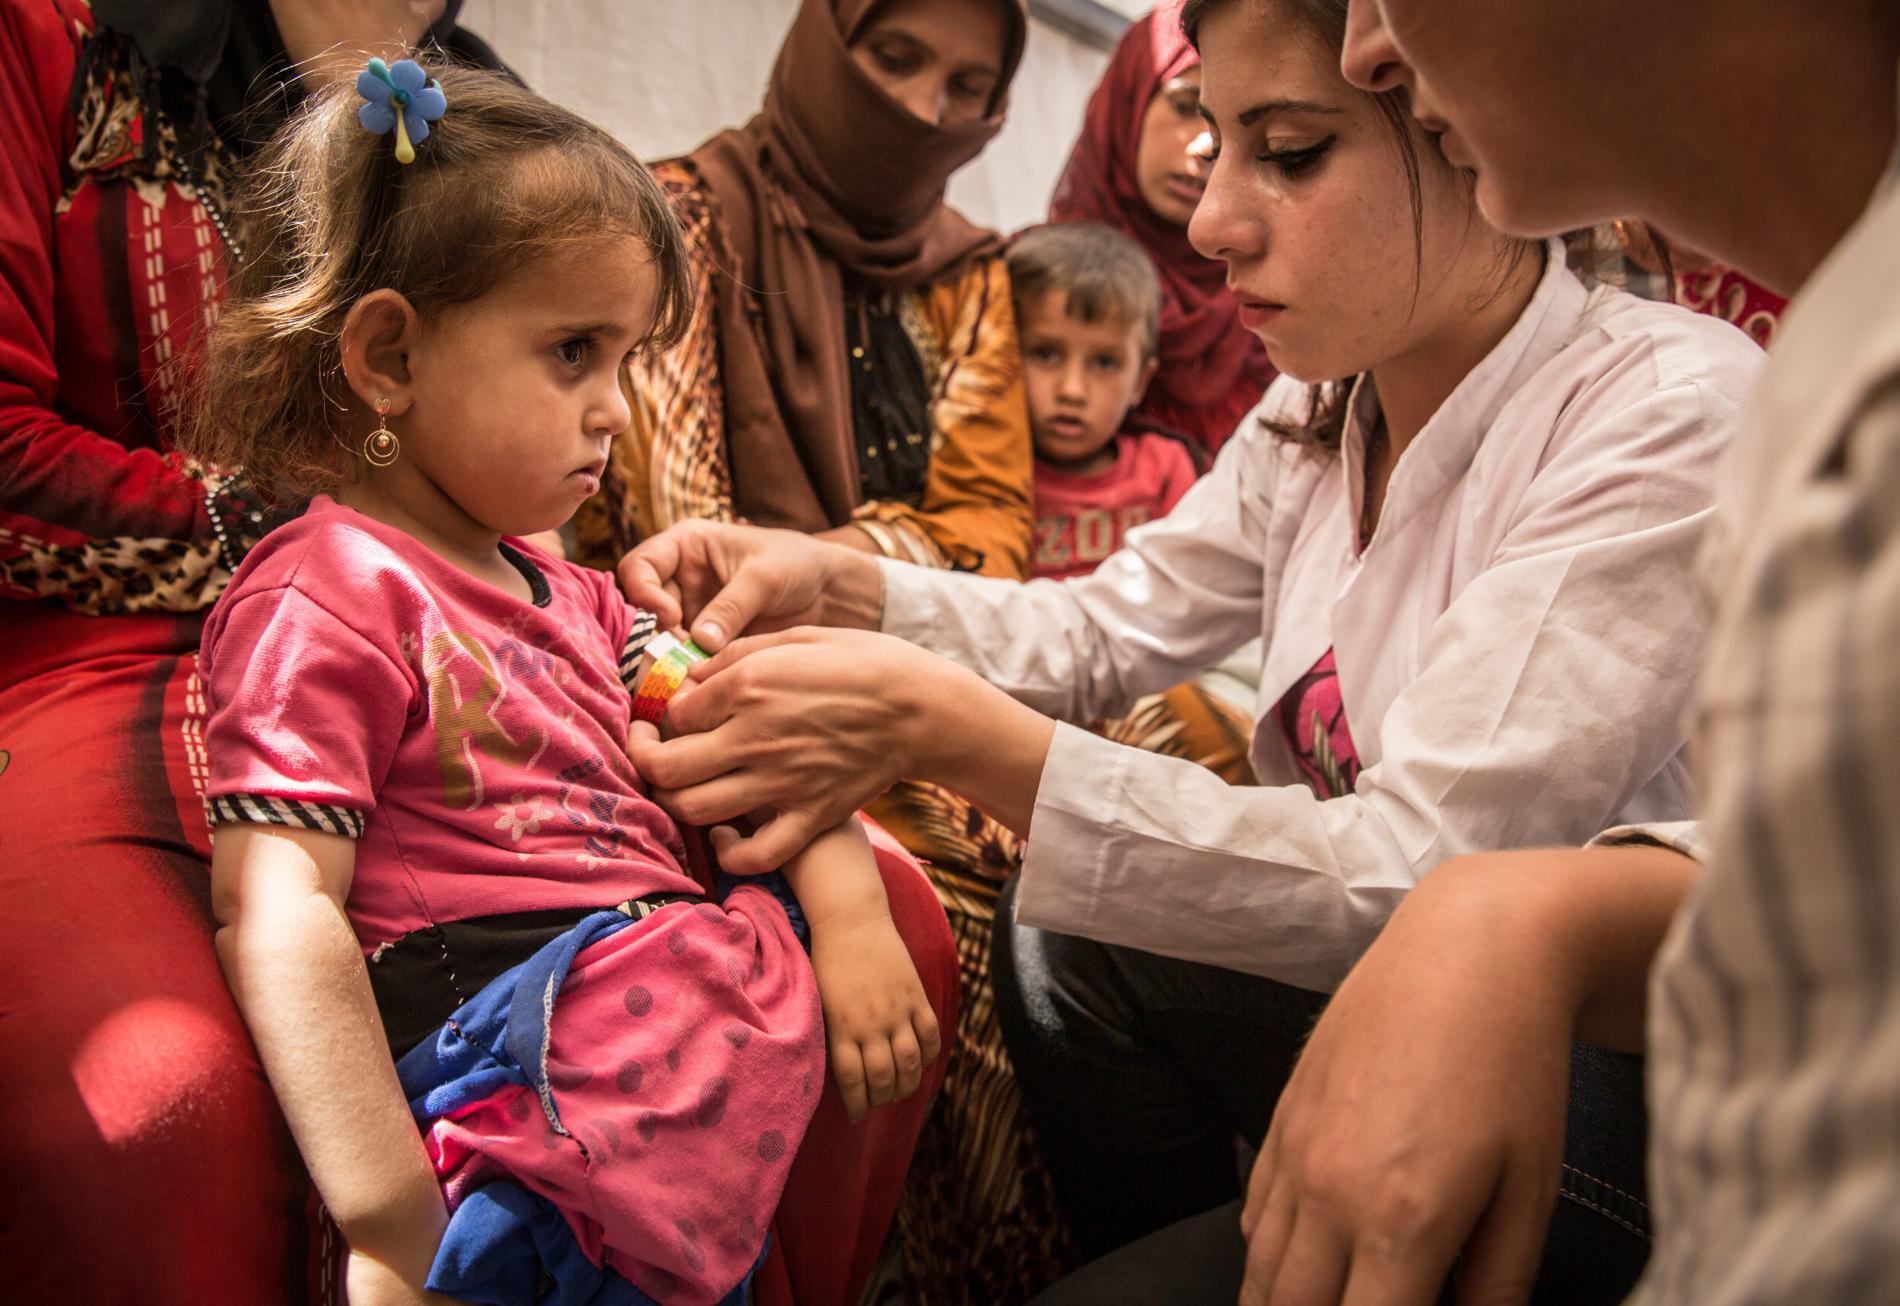 Dans le camp de réfugiés d\'Ain Issa (Syrie), une médecin de l\'ONG Médecins sans frontières ausculte une petite fille qui a fui Raqqa avec sa famille, le 8 juillet 2017.